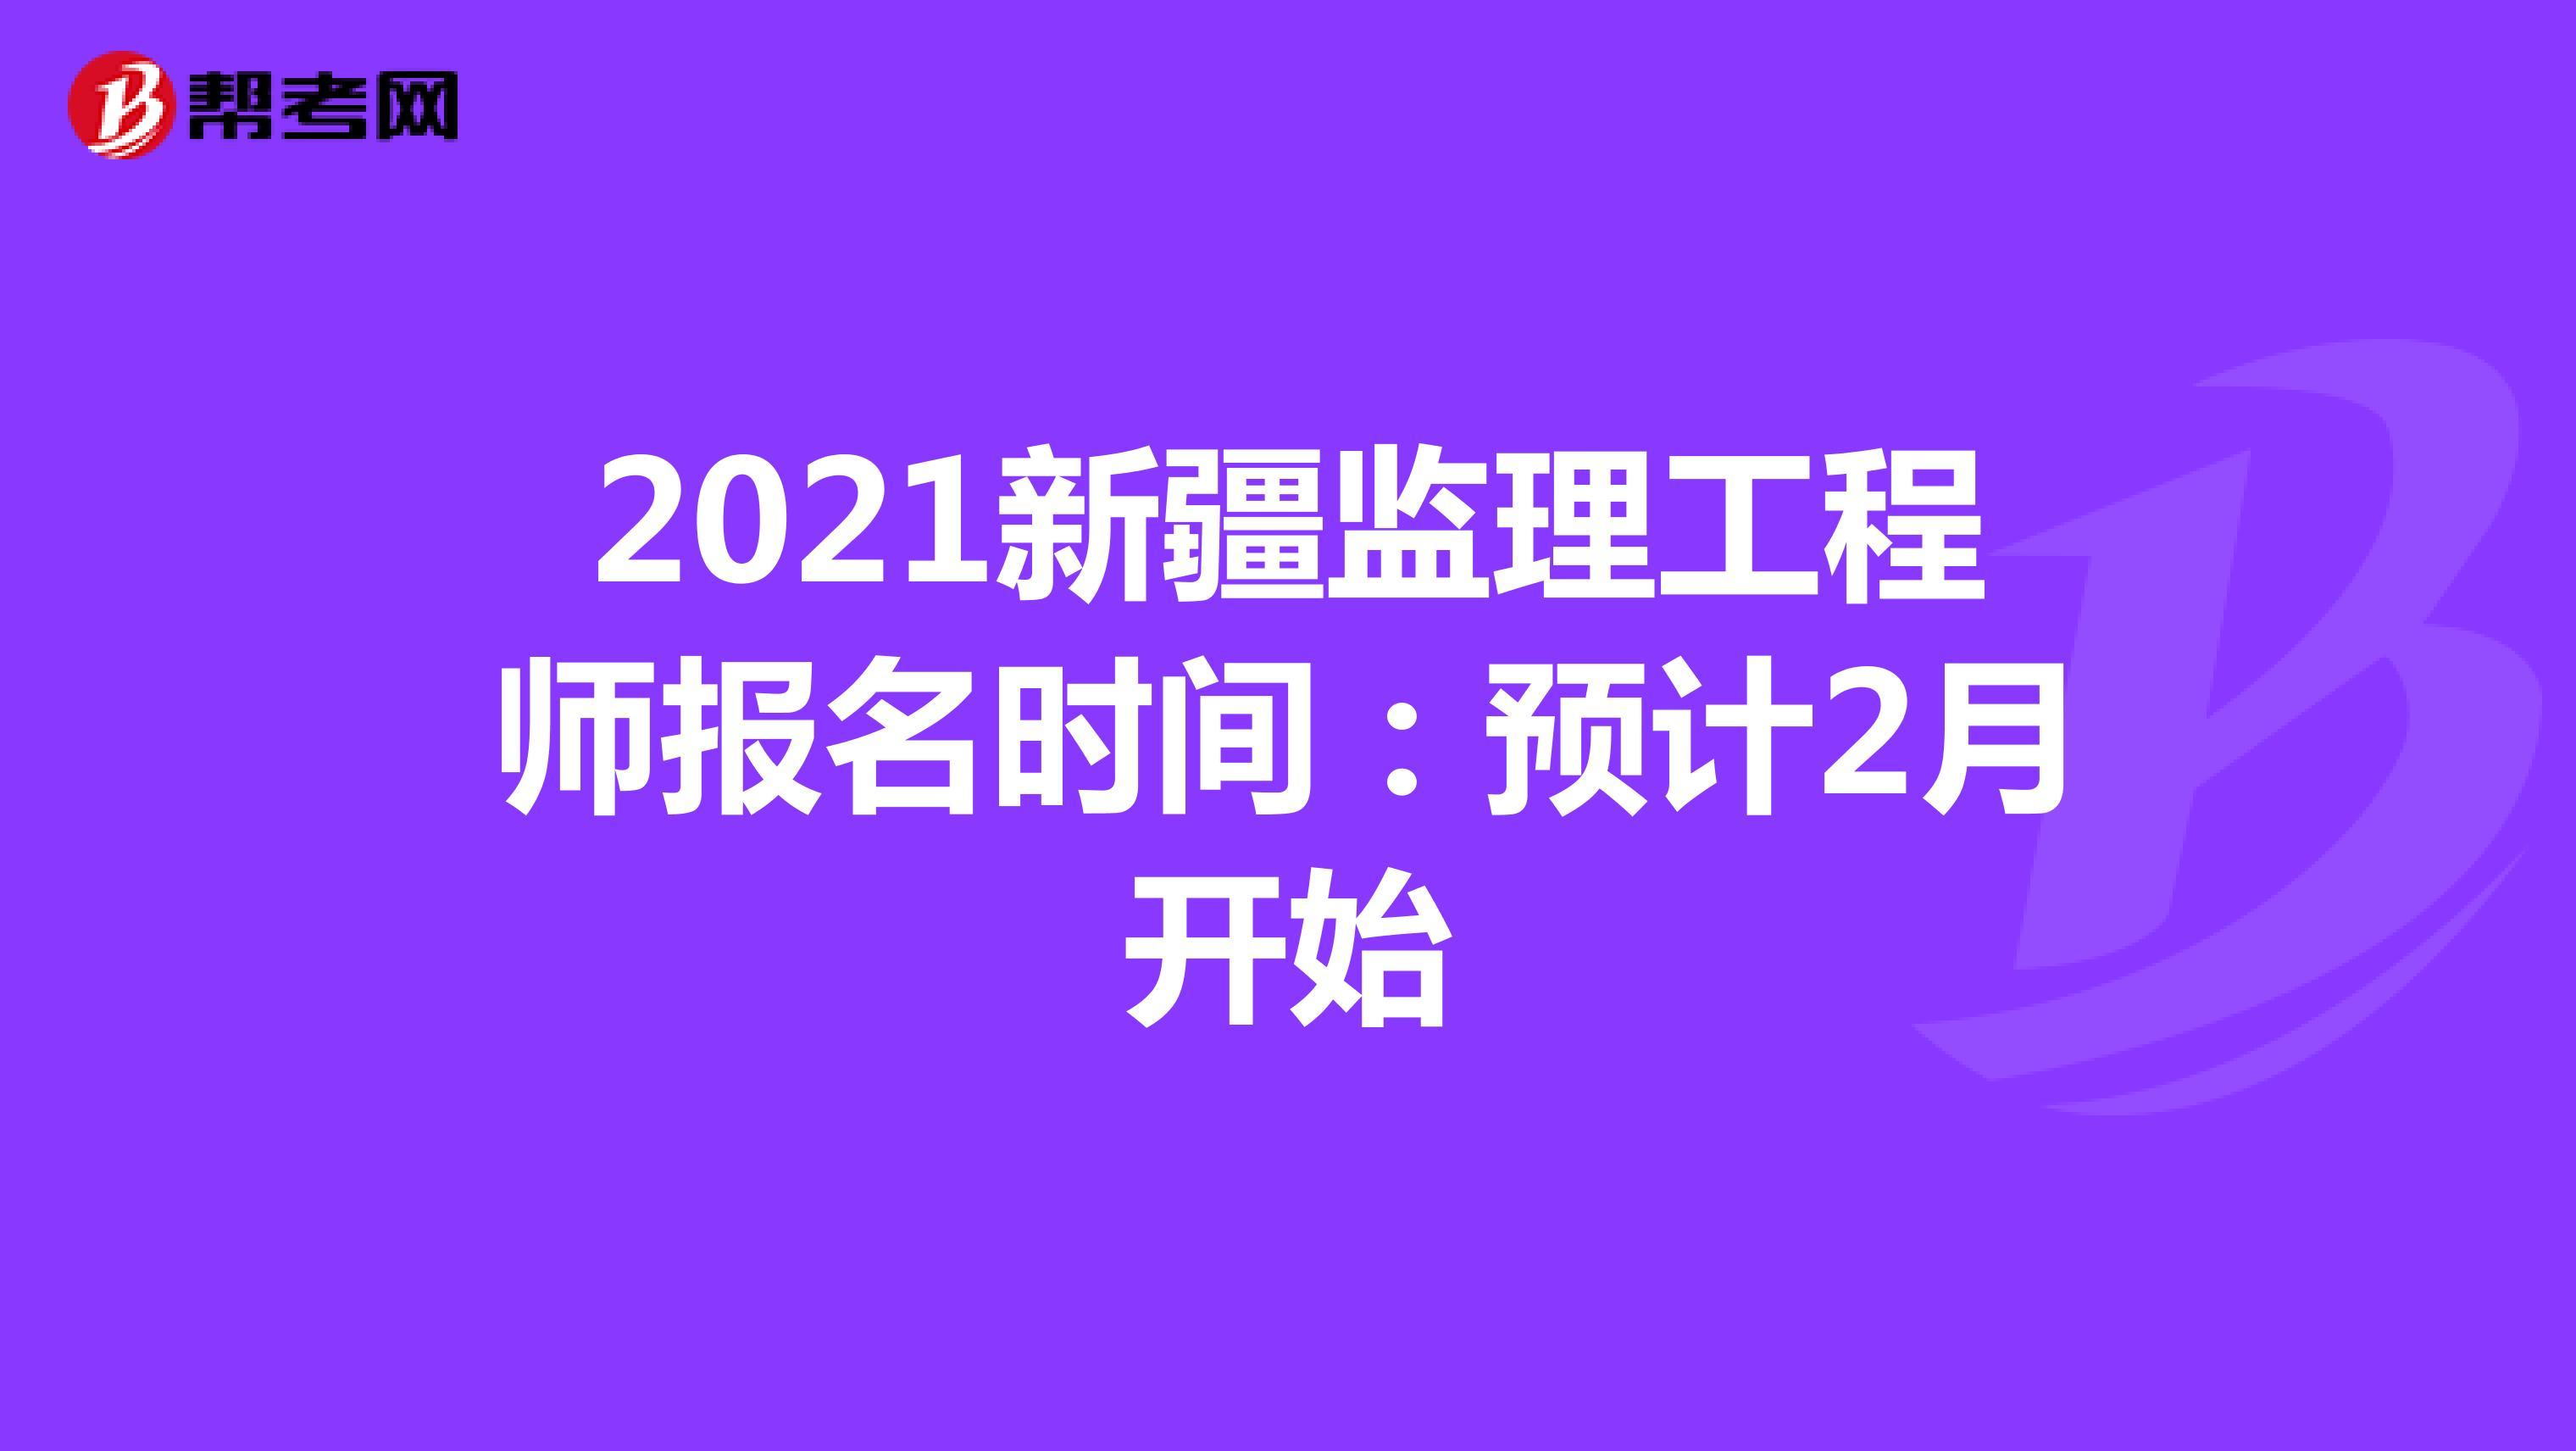 2021新疆监理工程师报名时间:预计2月开始